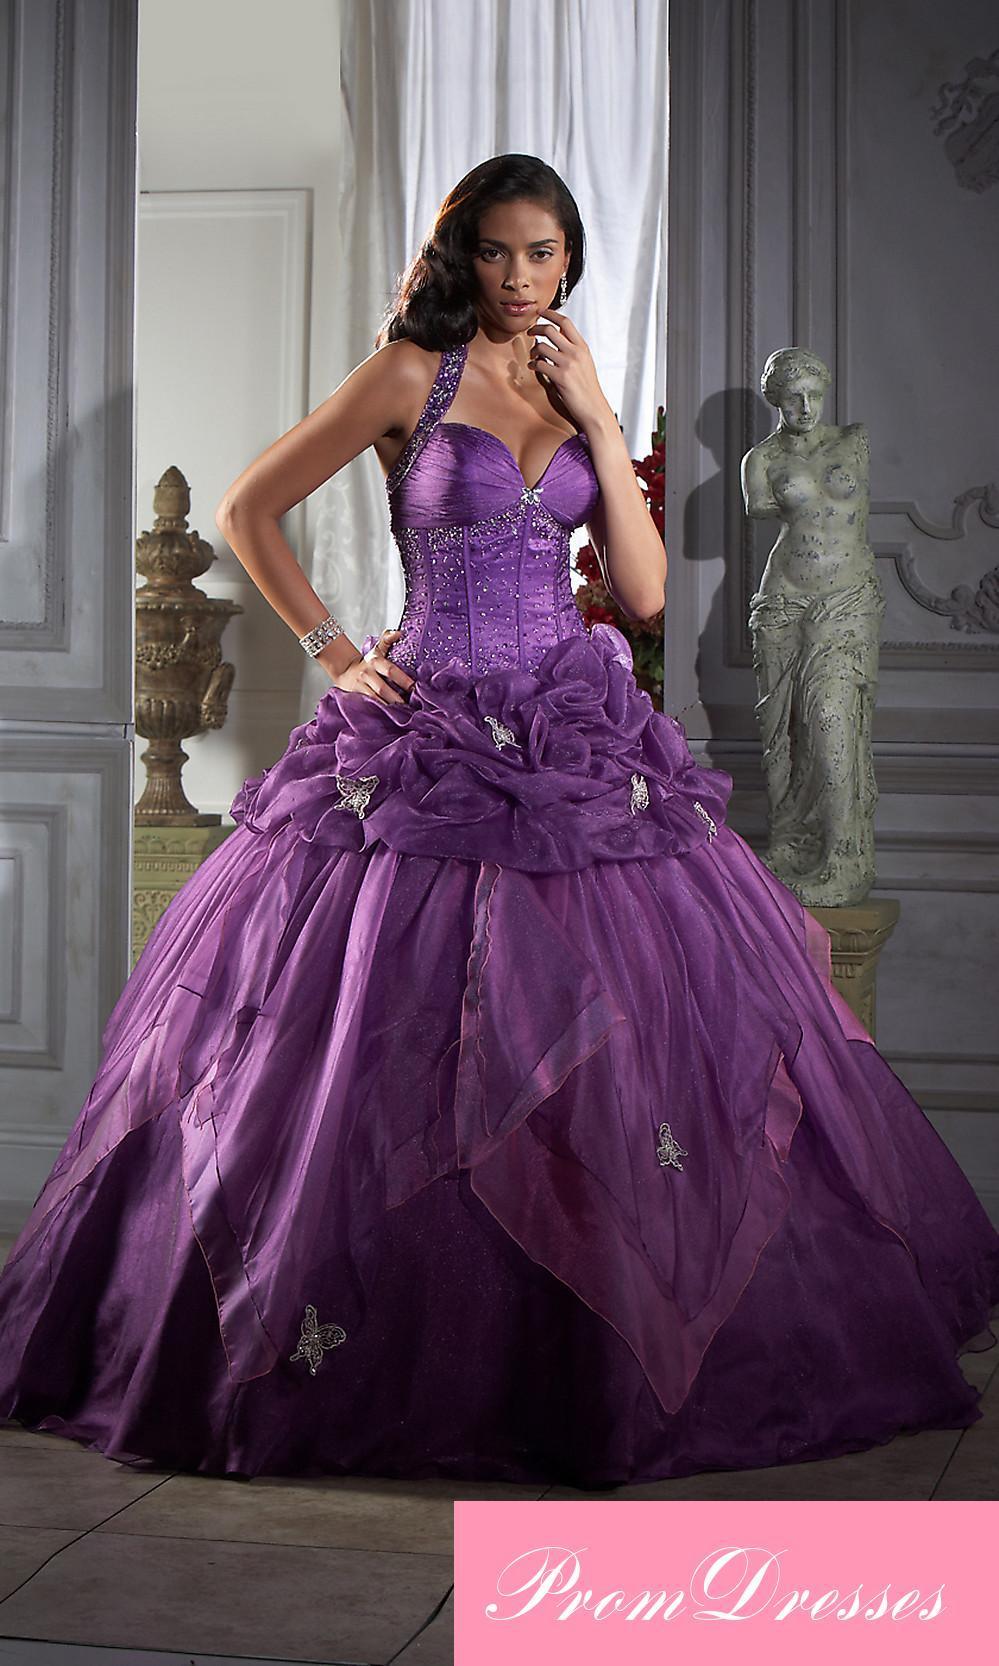 vestidos de fiesta vestidos disfraces bodas peinados de fiesta 2014 ...